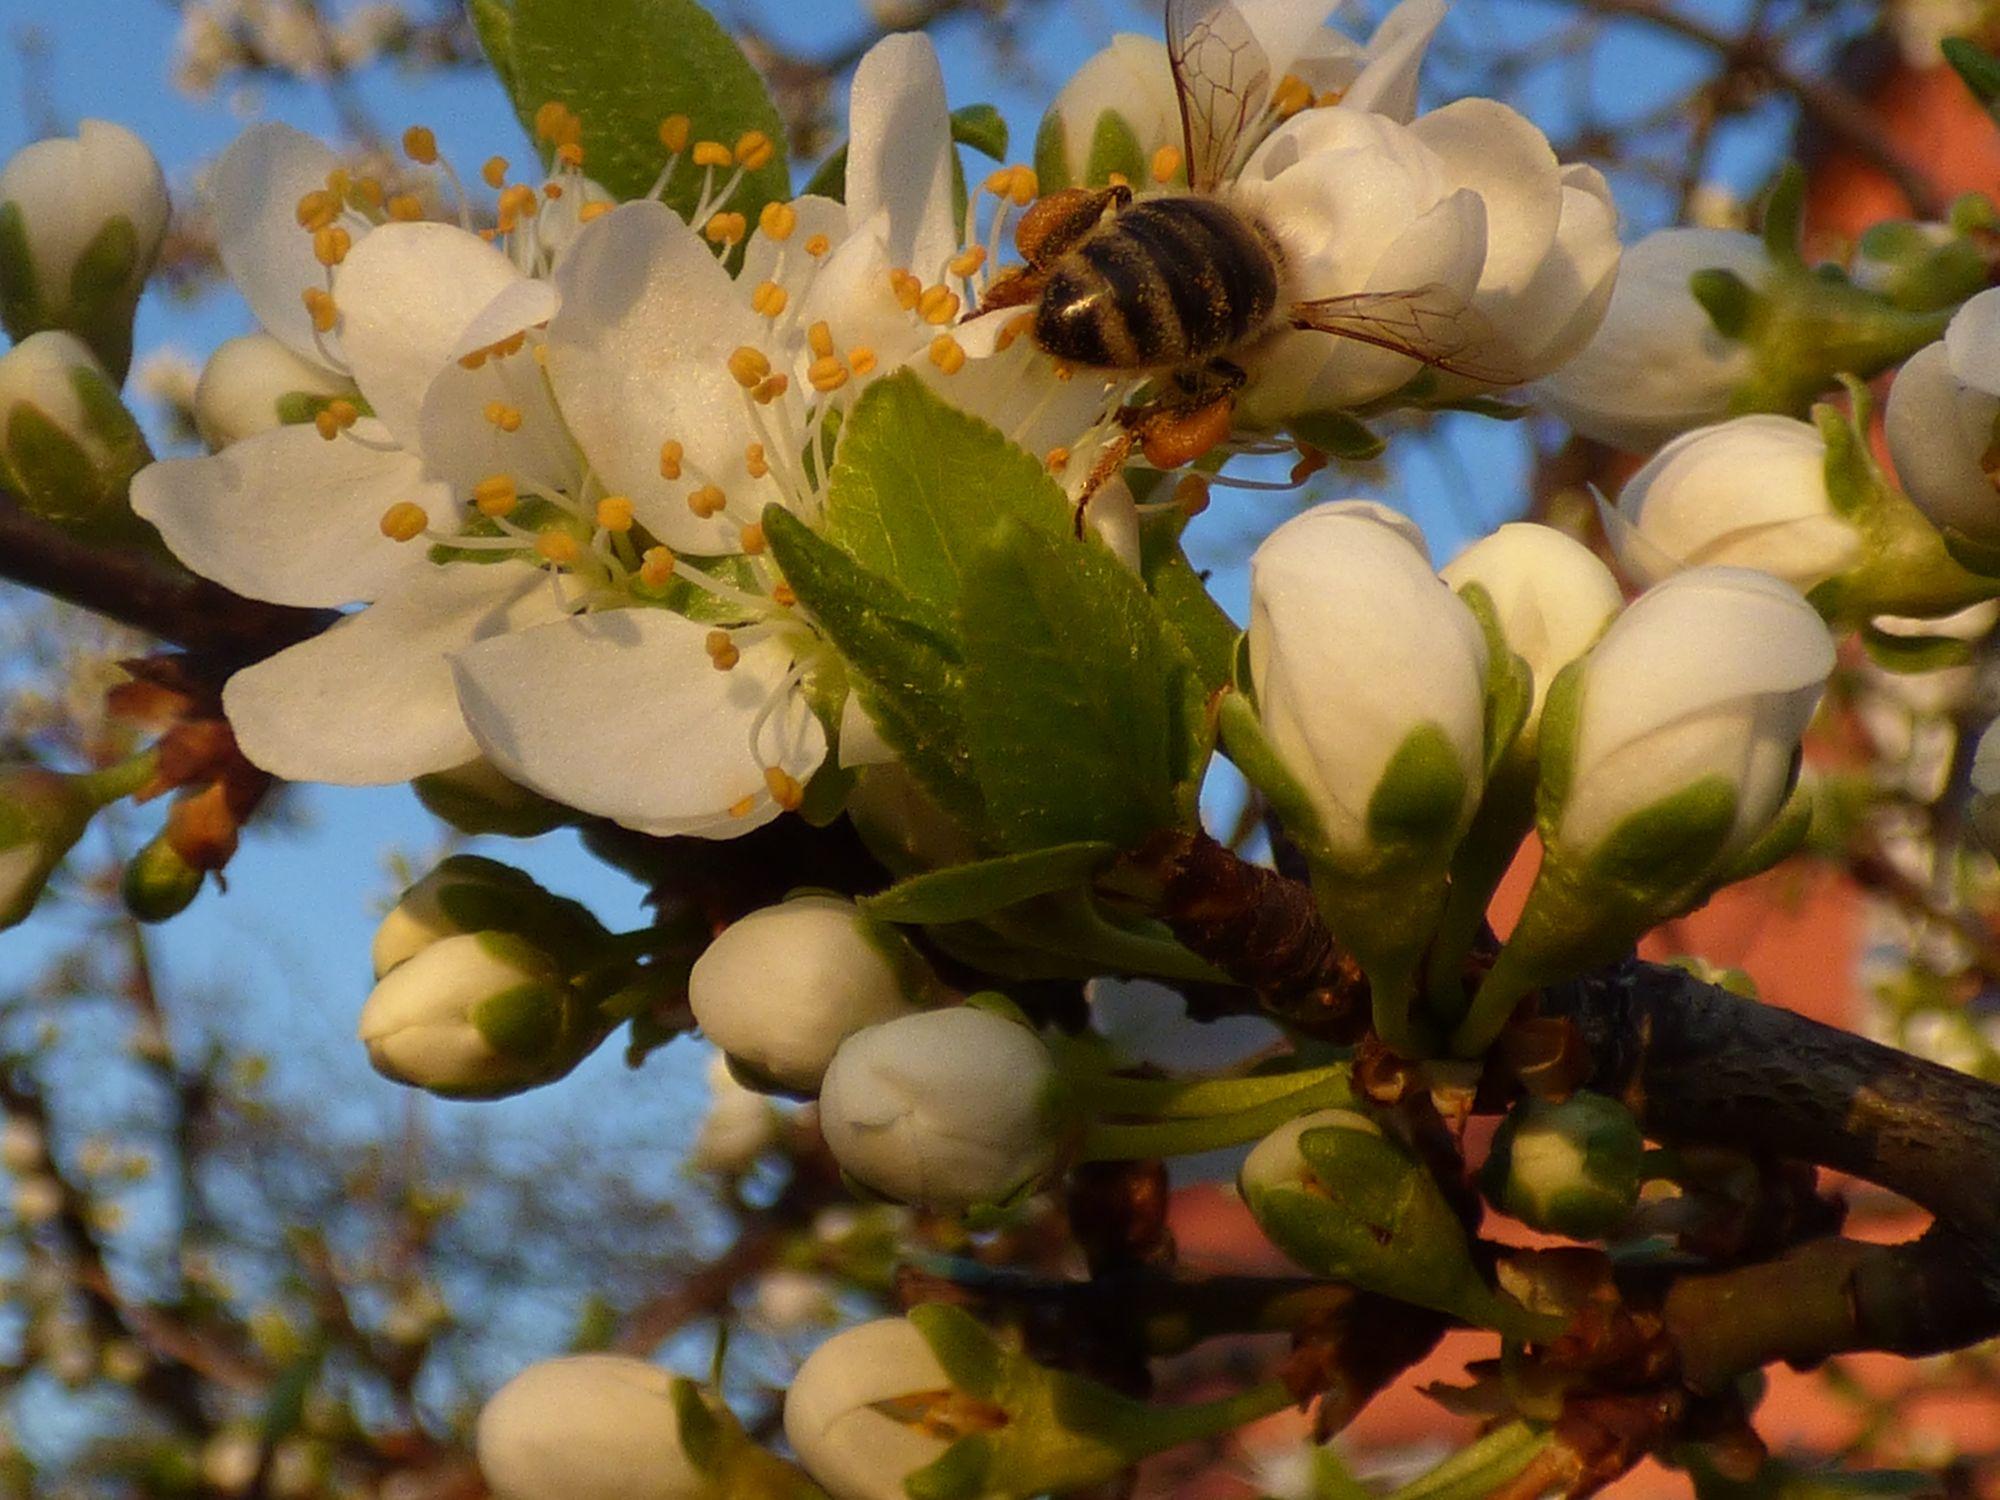 Biene beim Sammlen von Pollen auf einer Mirabelle,deutlich erkennbar die Höschen